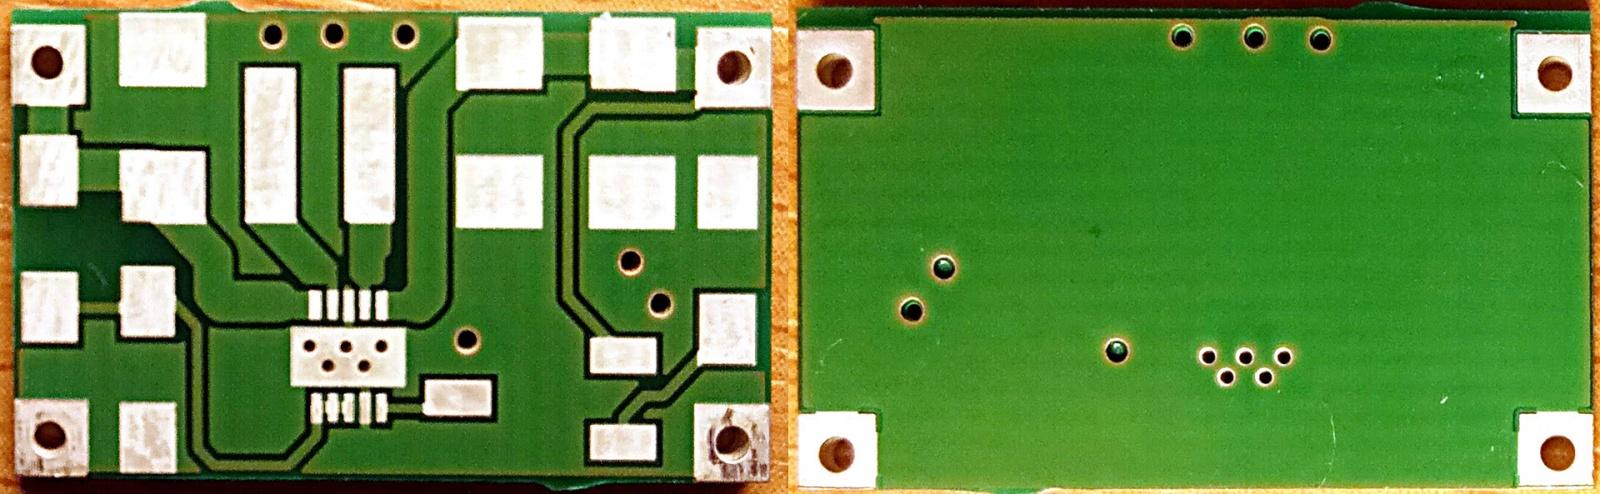 Почти универсальный конвертер на TPS63000, или общепит для самых маленьких - 4